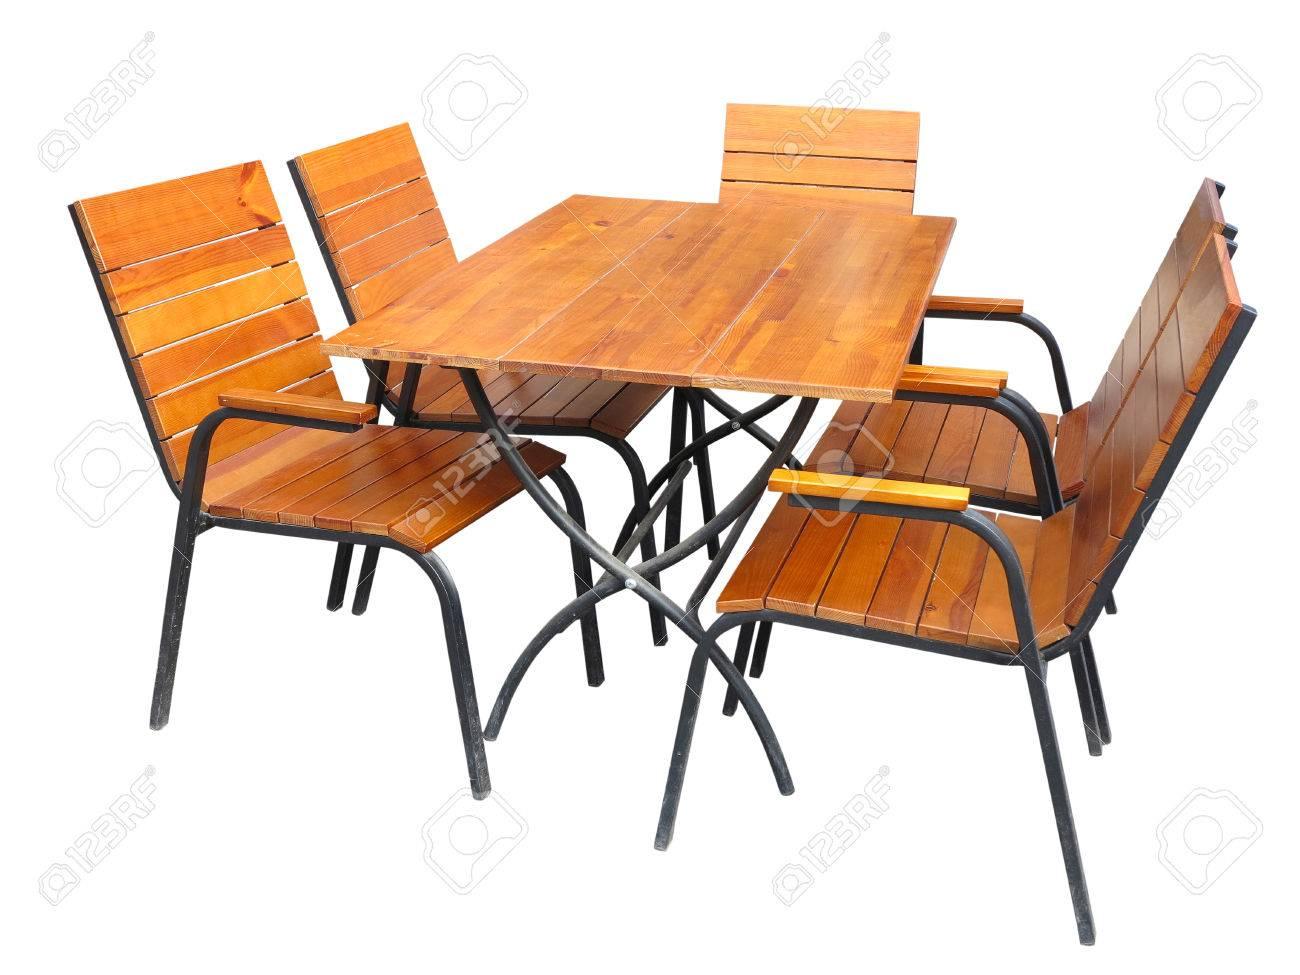 Set Von Holz Gartenmobel Tisch Und Stuhle Isoliert Auf Weissem